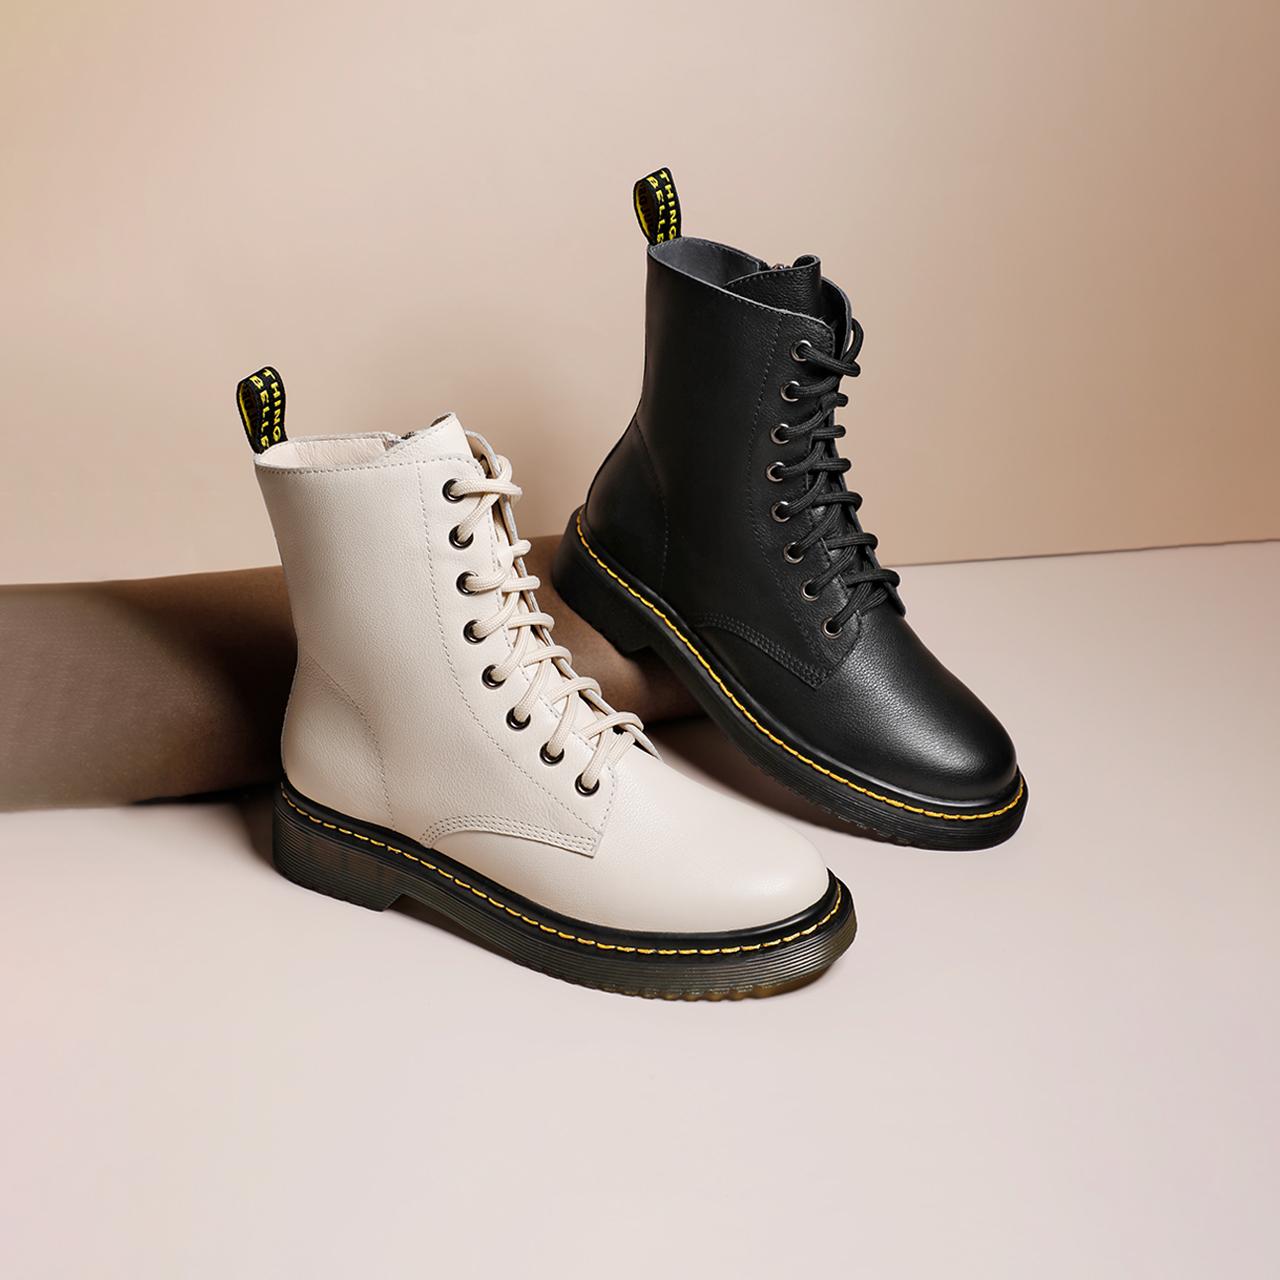 U7G1DDD9 冬商场新款女加绒保暖英伦短靴 2019 孔马丁靴 8 百丽